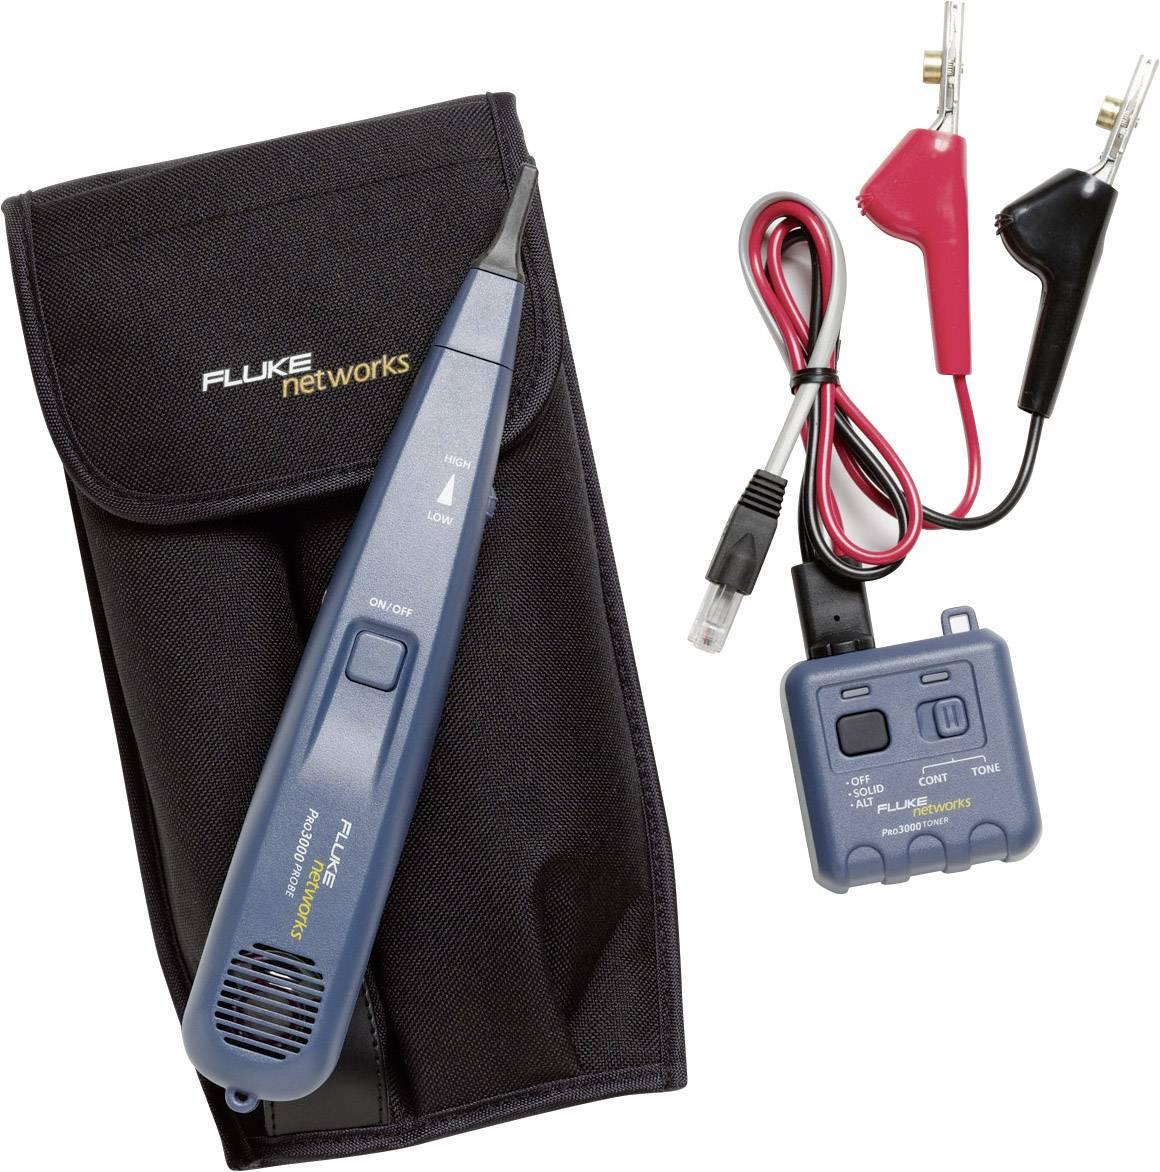 Bezdrátový detektor vedení s generátorem tónu Fluke Networks PRO3000, 26000900